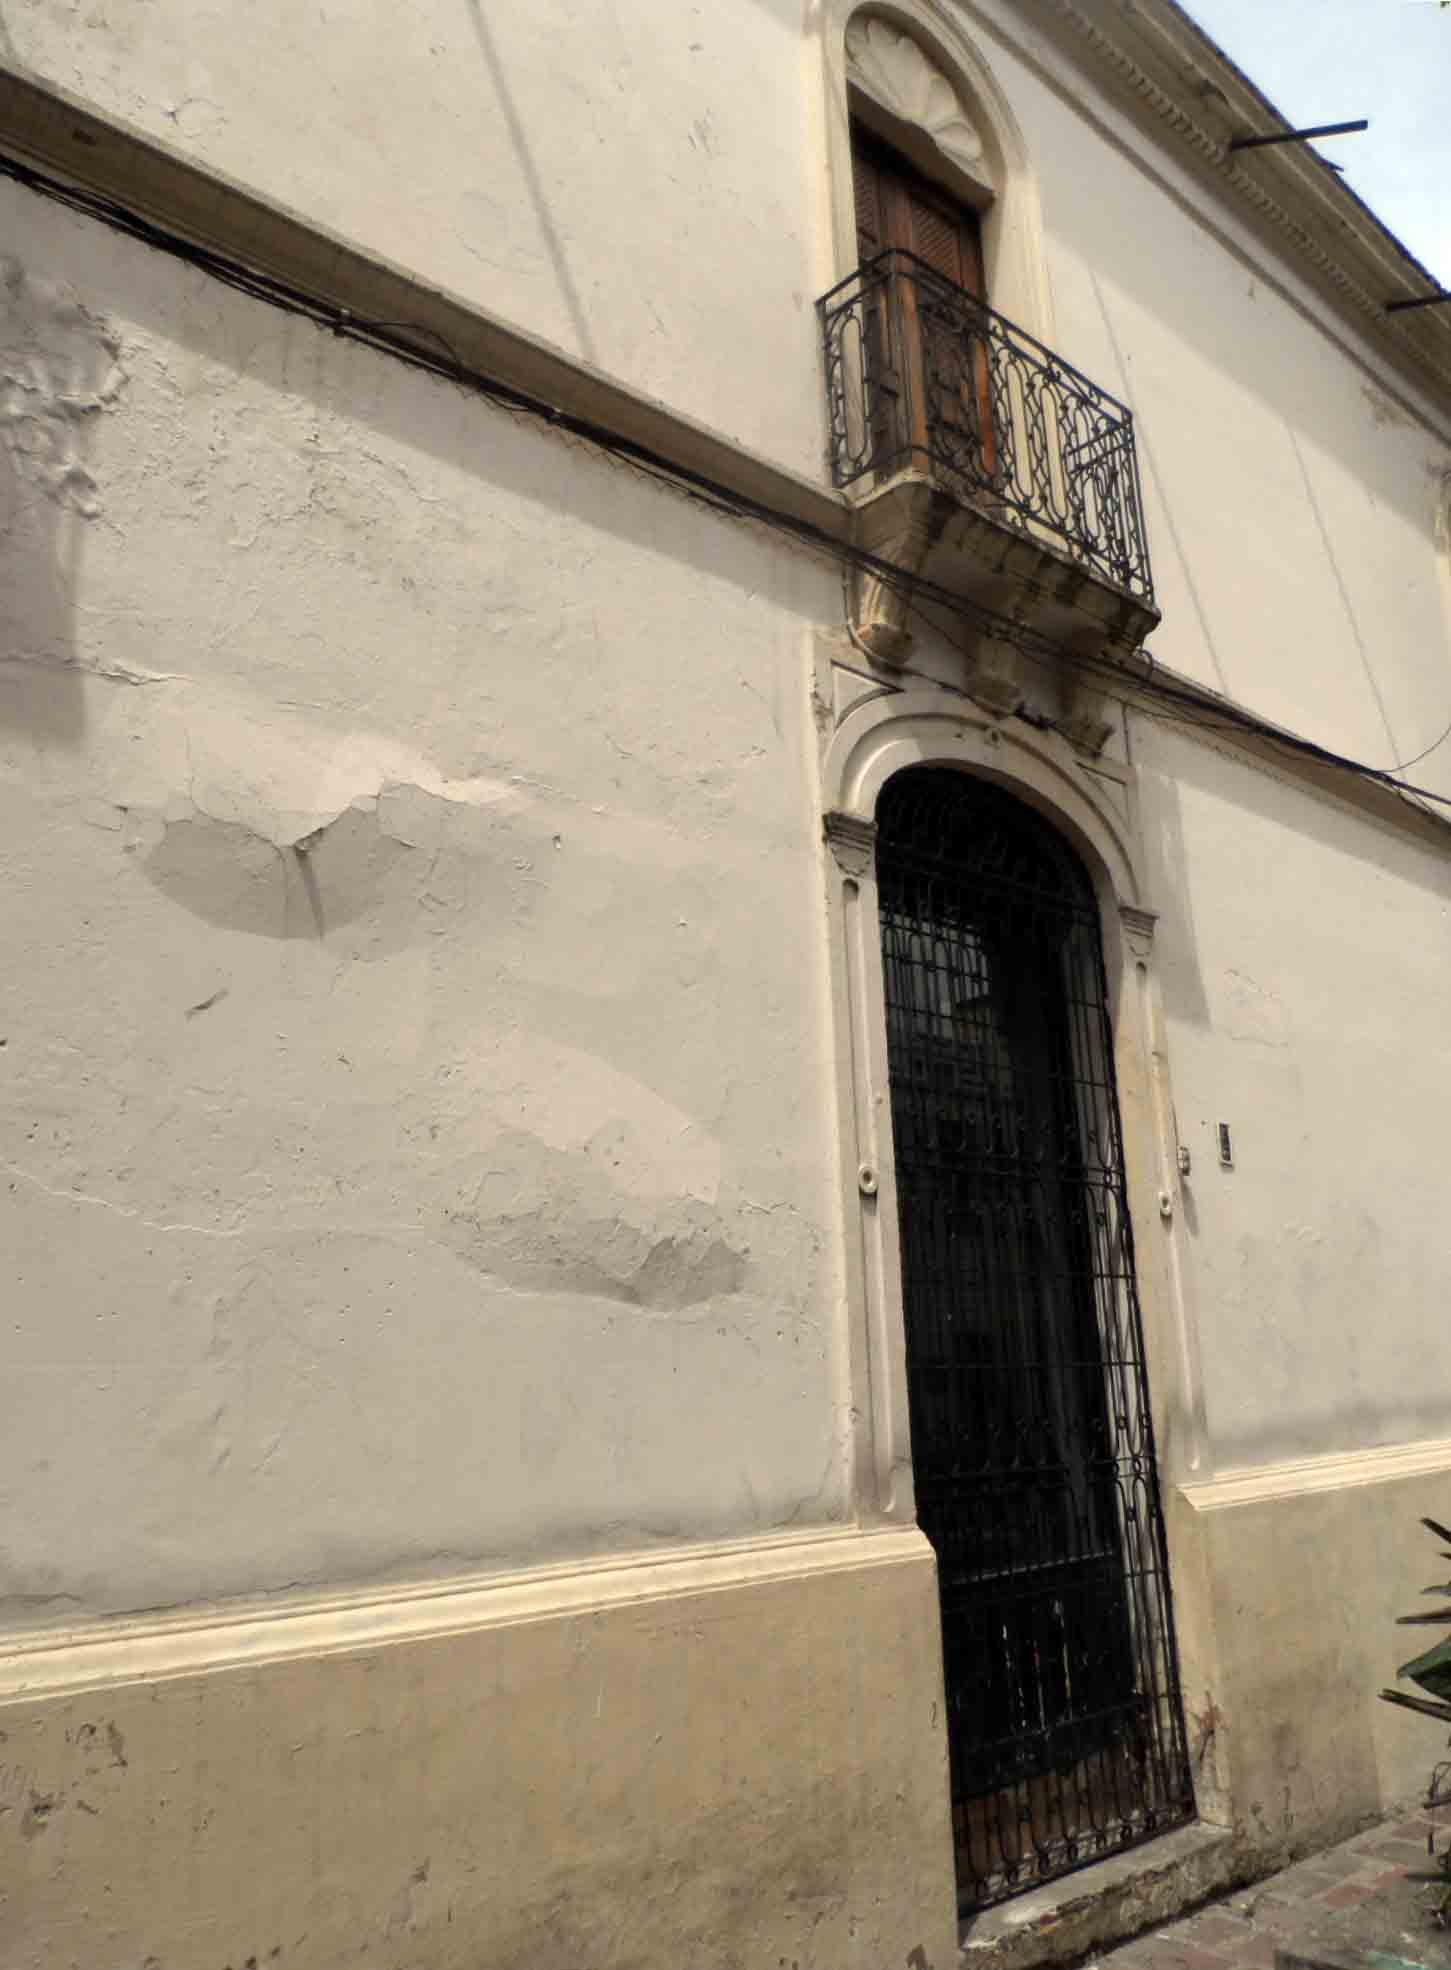 Afuera parece resistir, el deterioro interno es mayor. Foto Frank Gavidia.